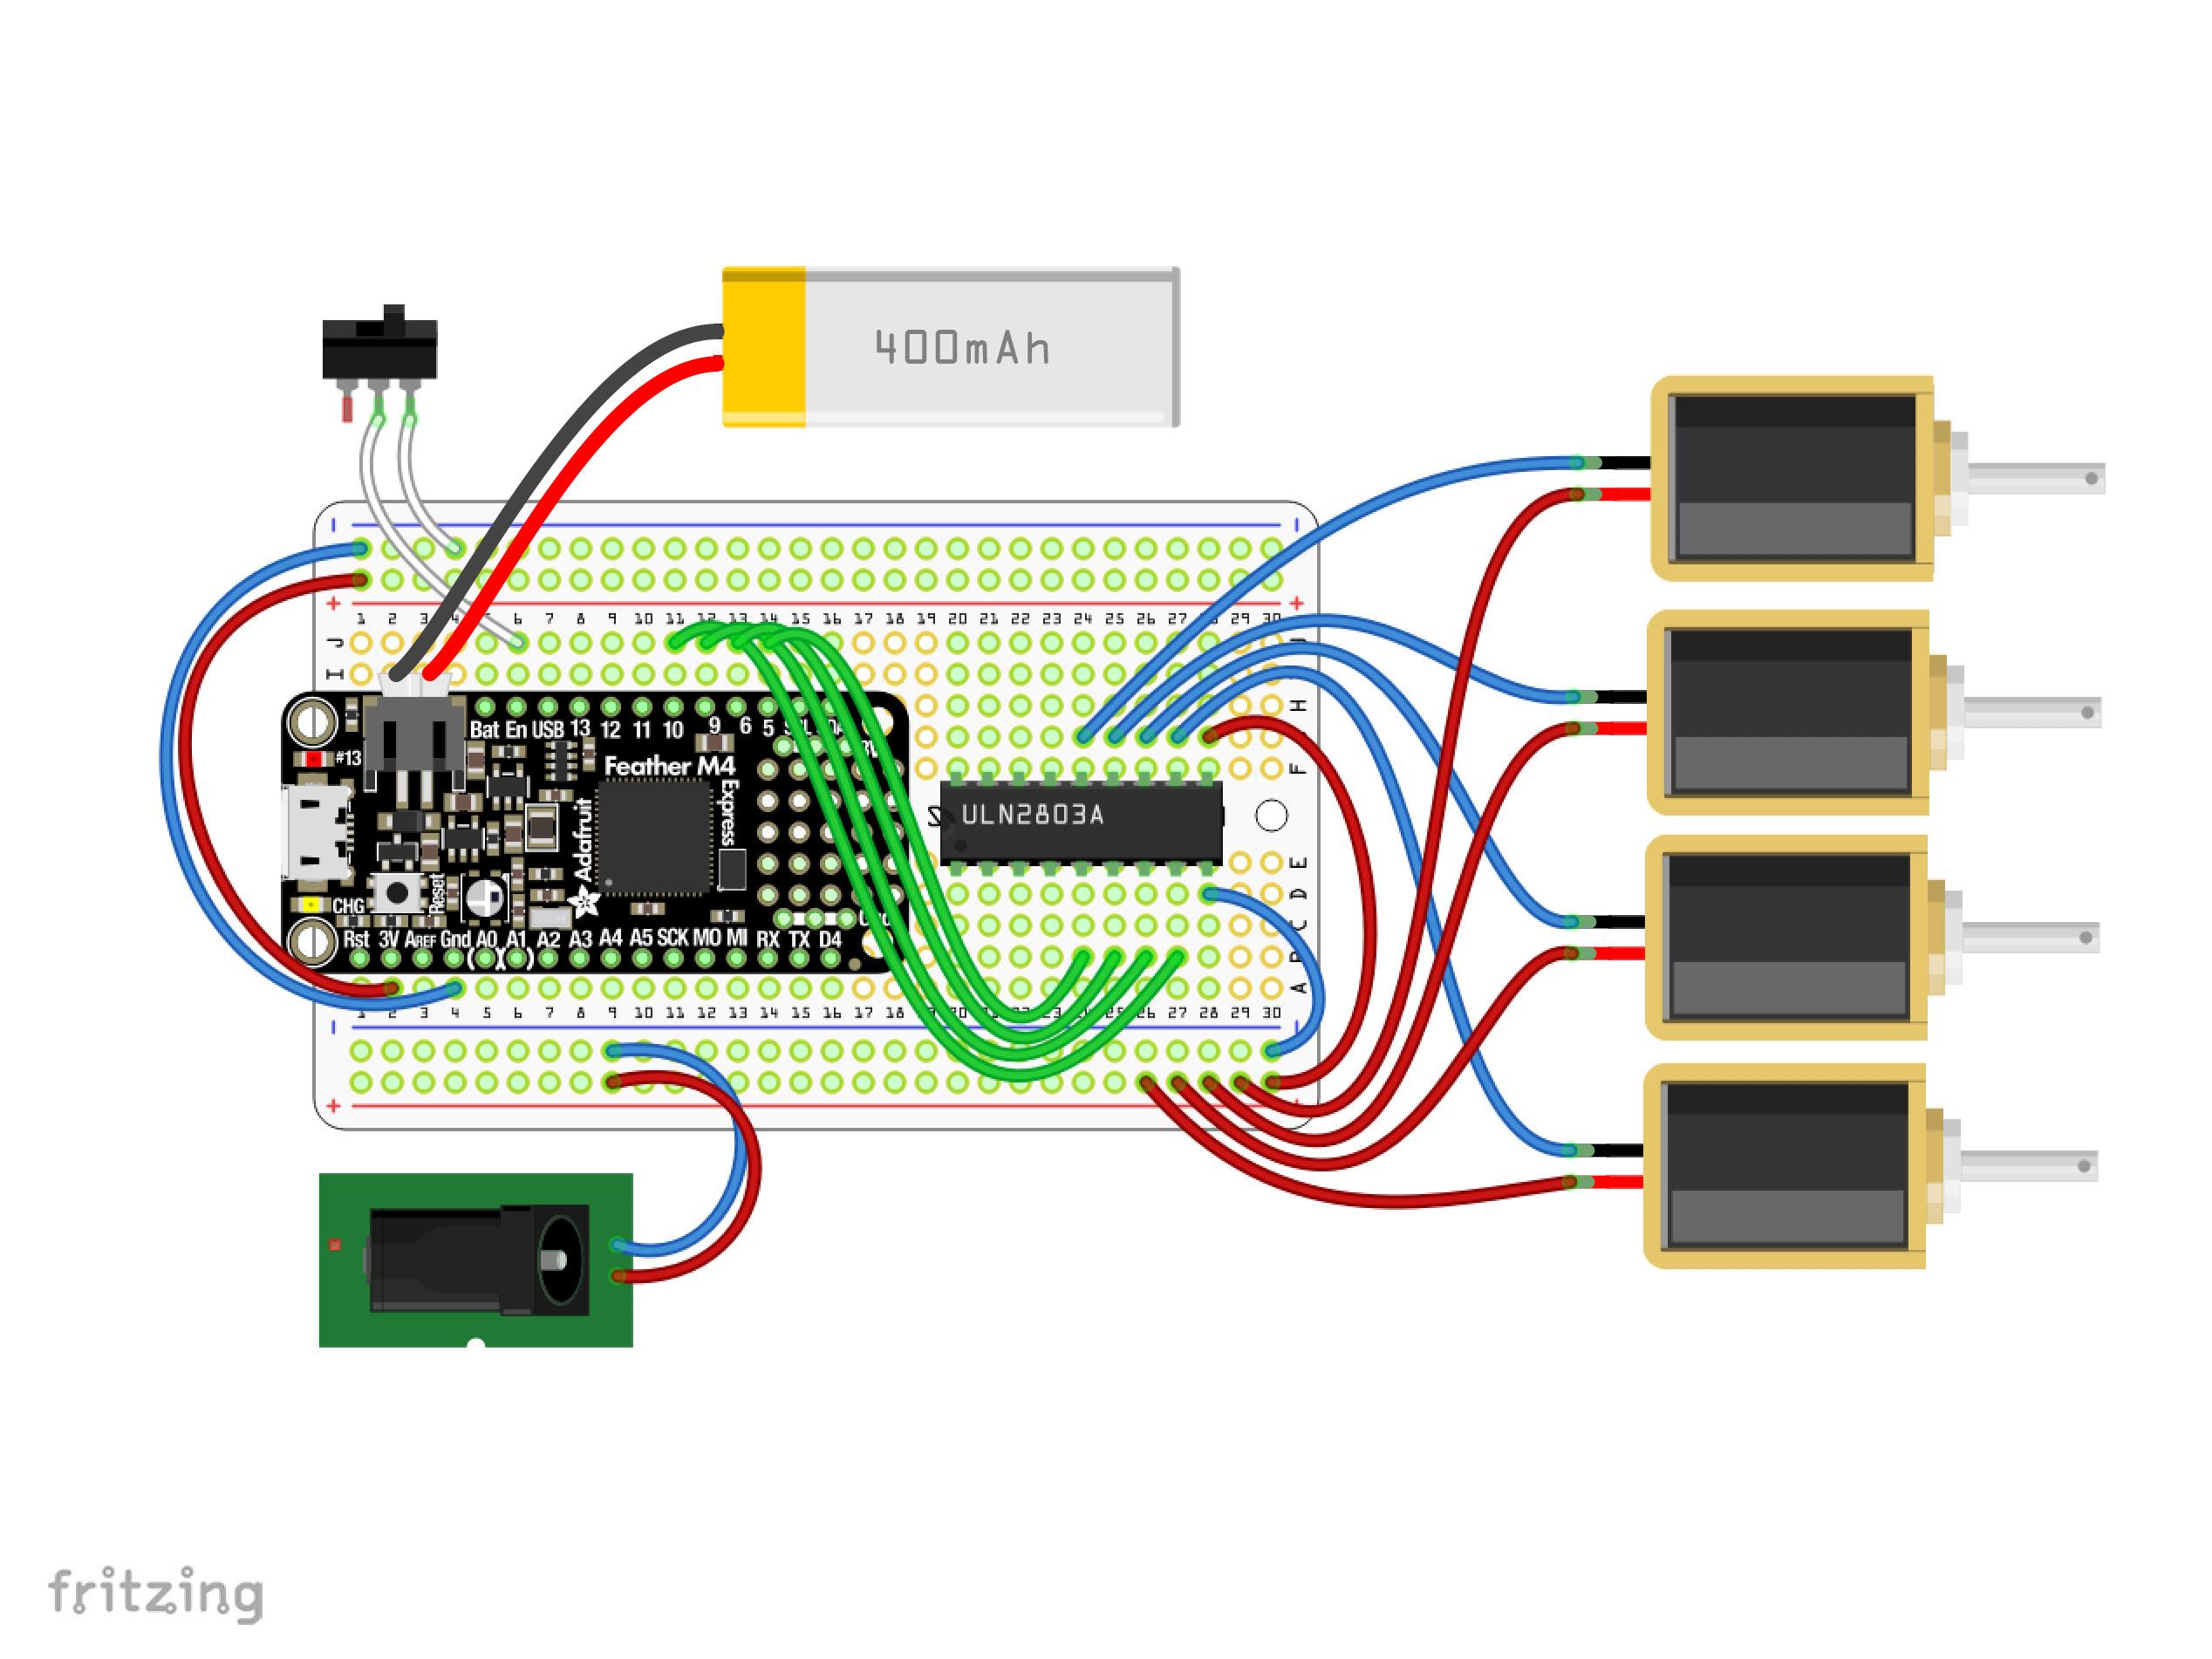 3d_printing_circuit-diagram-v4.jpg